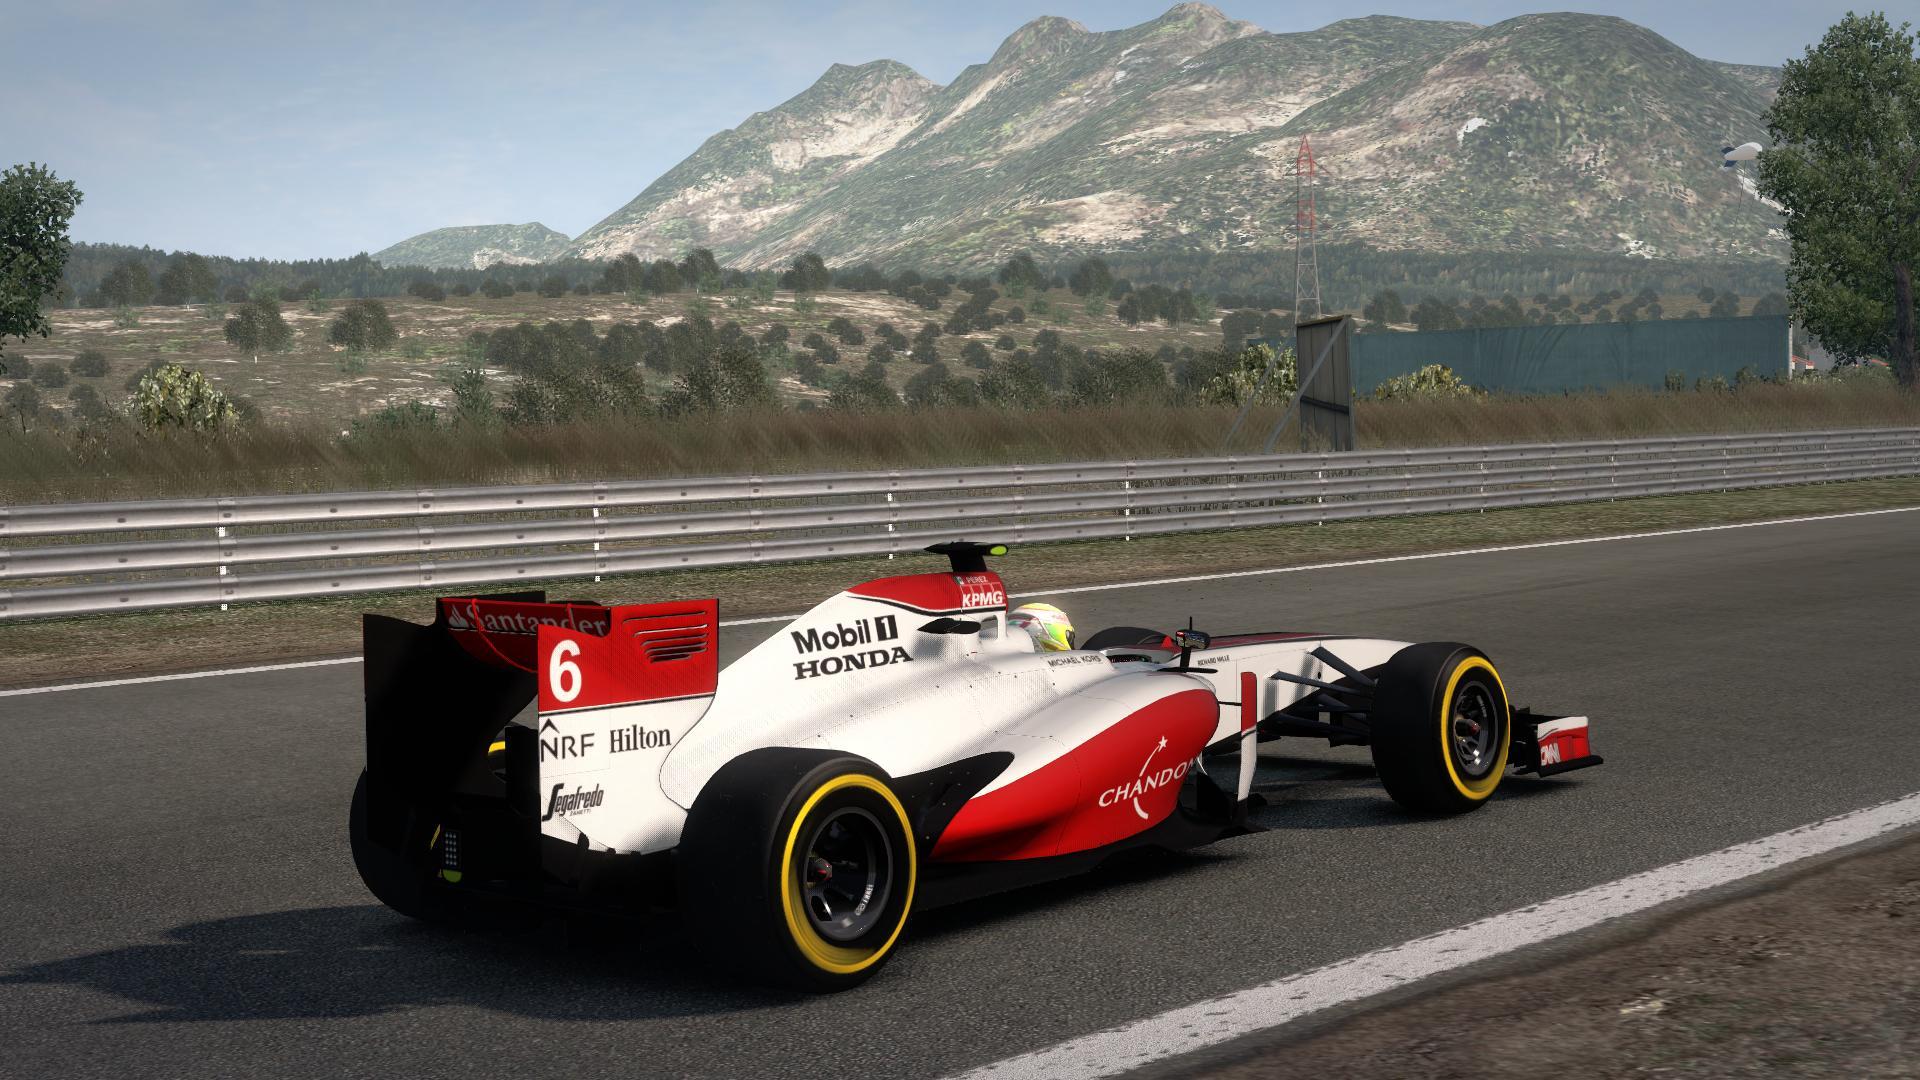 F1_2013 2016-07-28 20-35-27-46.jpg